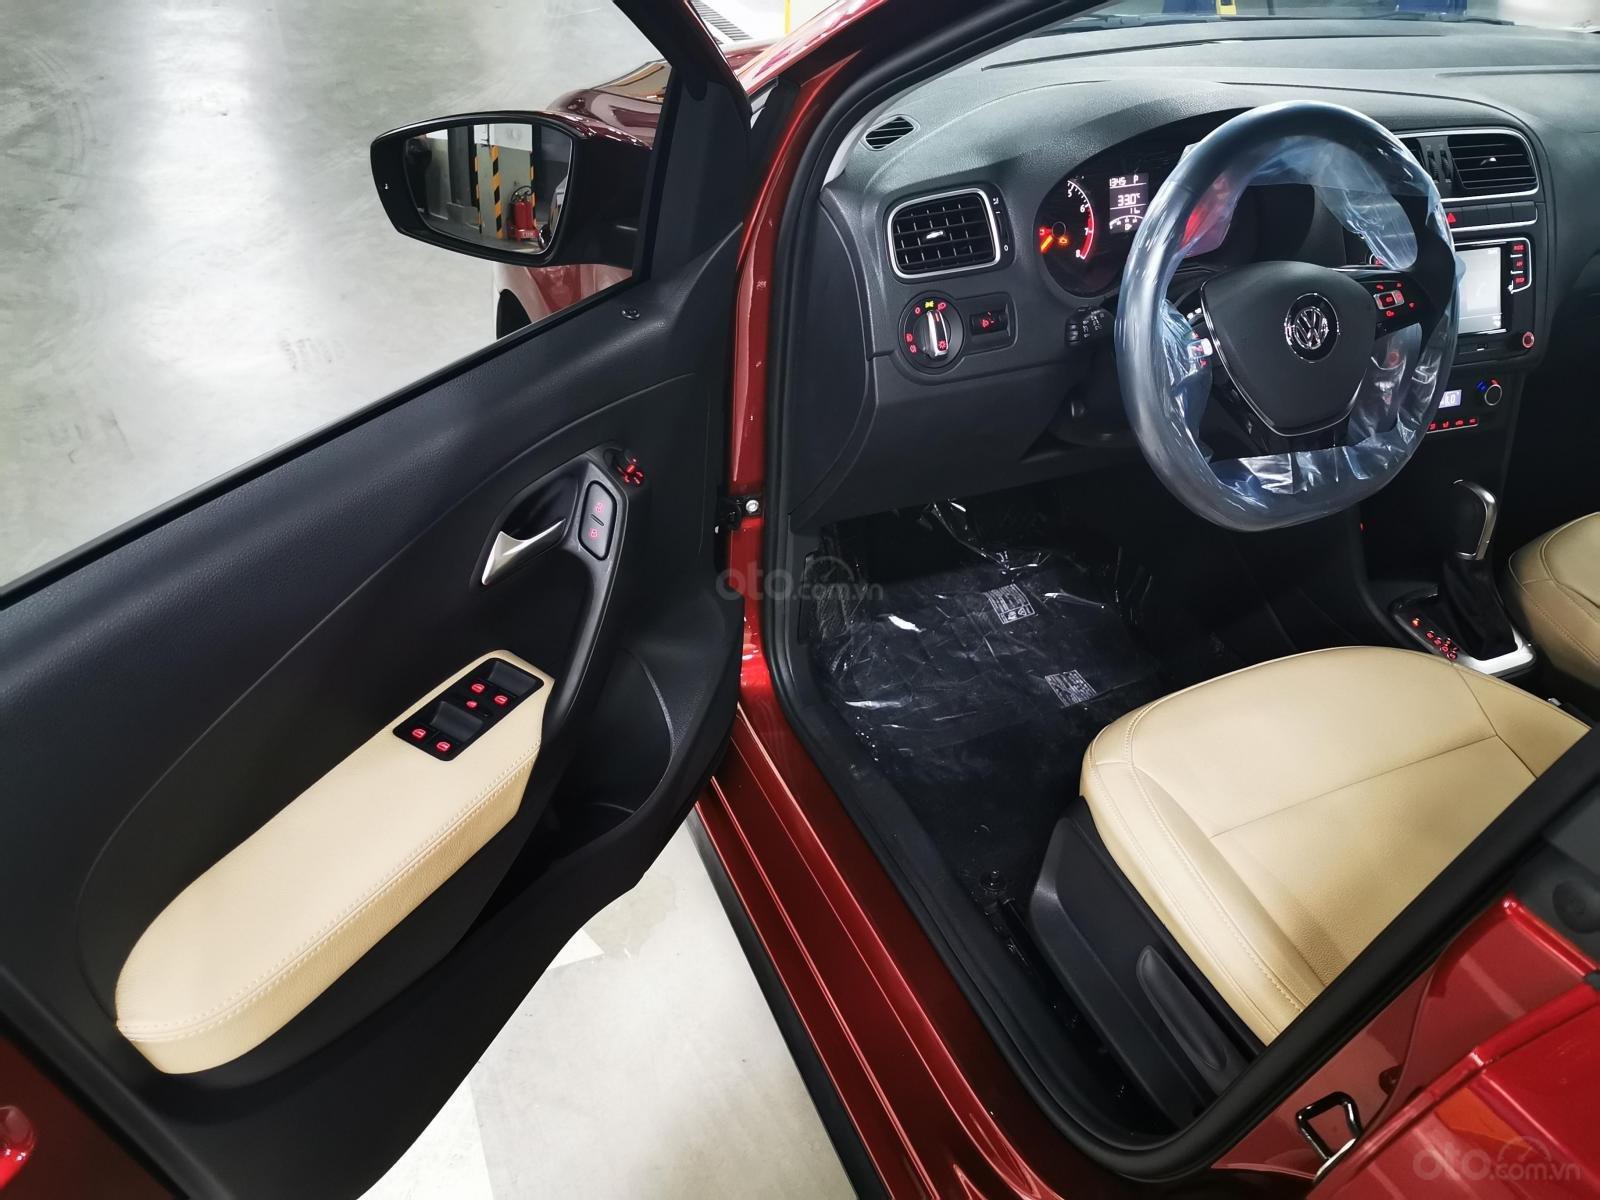 VW Polo Hatchback 2020 màu đỏ Sunset mới lạ đẹp mắt và đầy ấn tượng, ưu đãi bất ngờ. LH ngay 0903.310.412 (10)